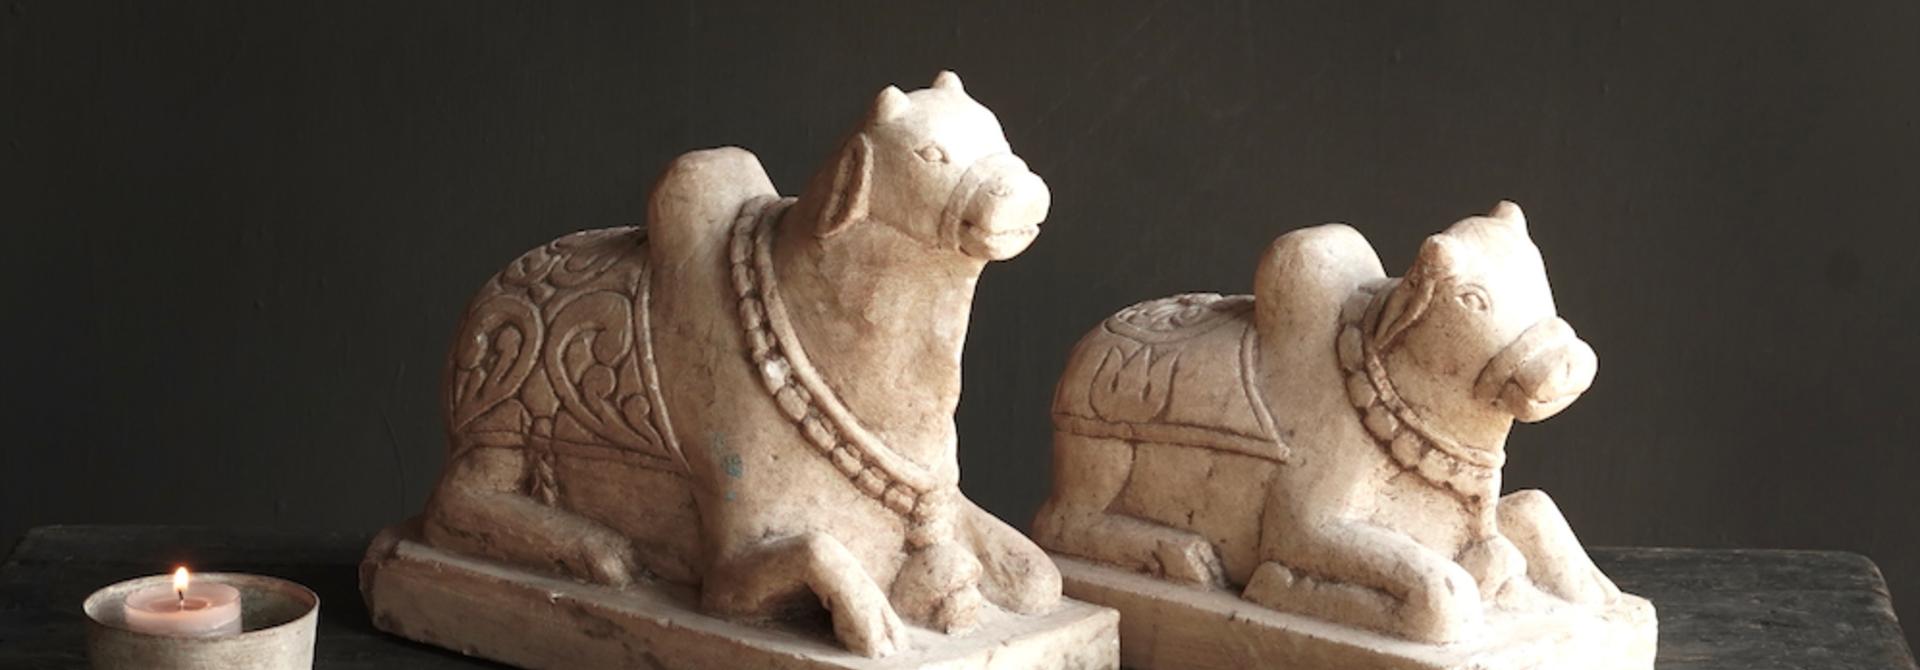 Unique Antiques Old Authentic natural stones Nandi